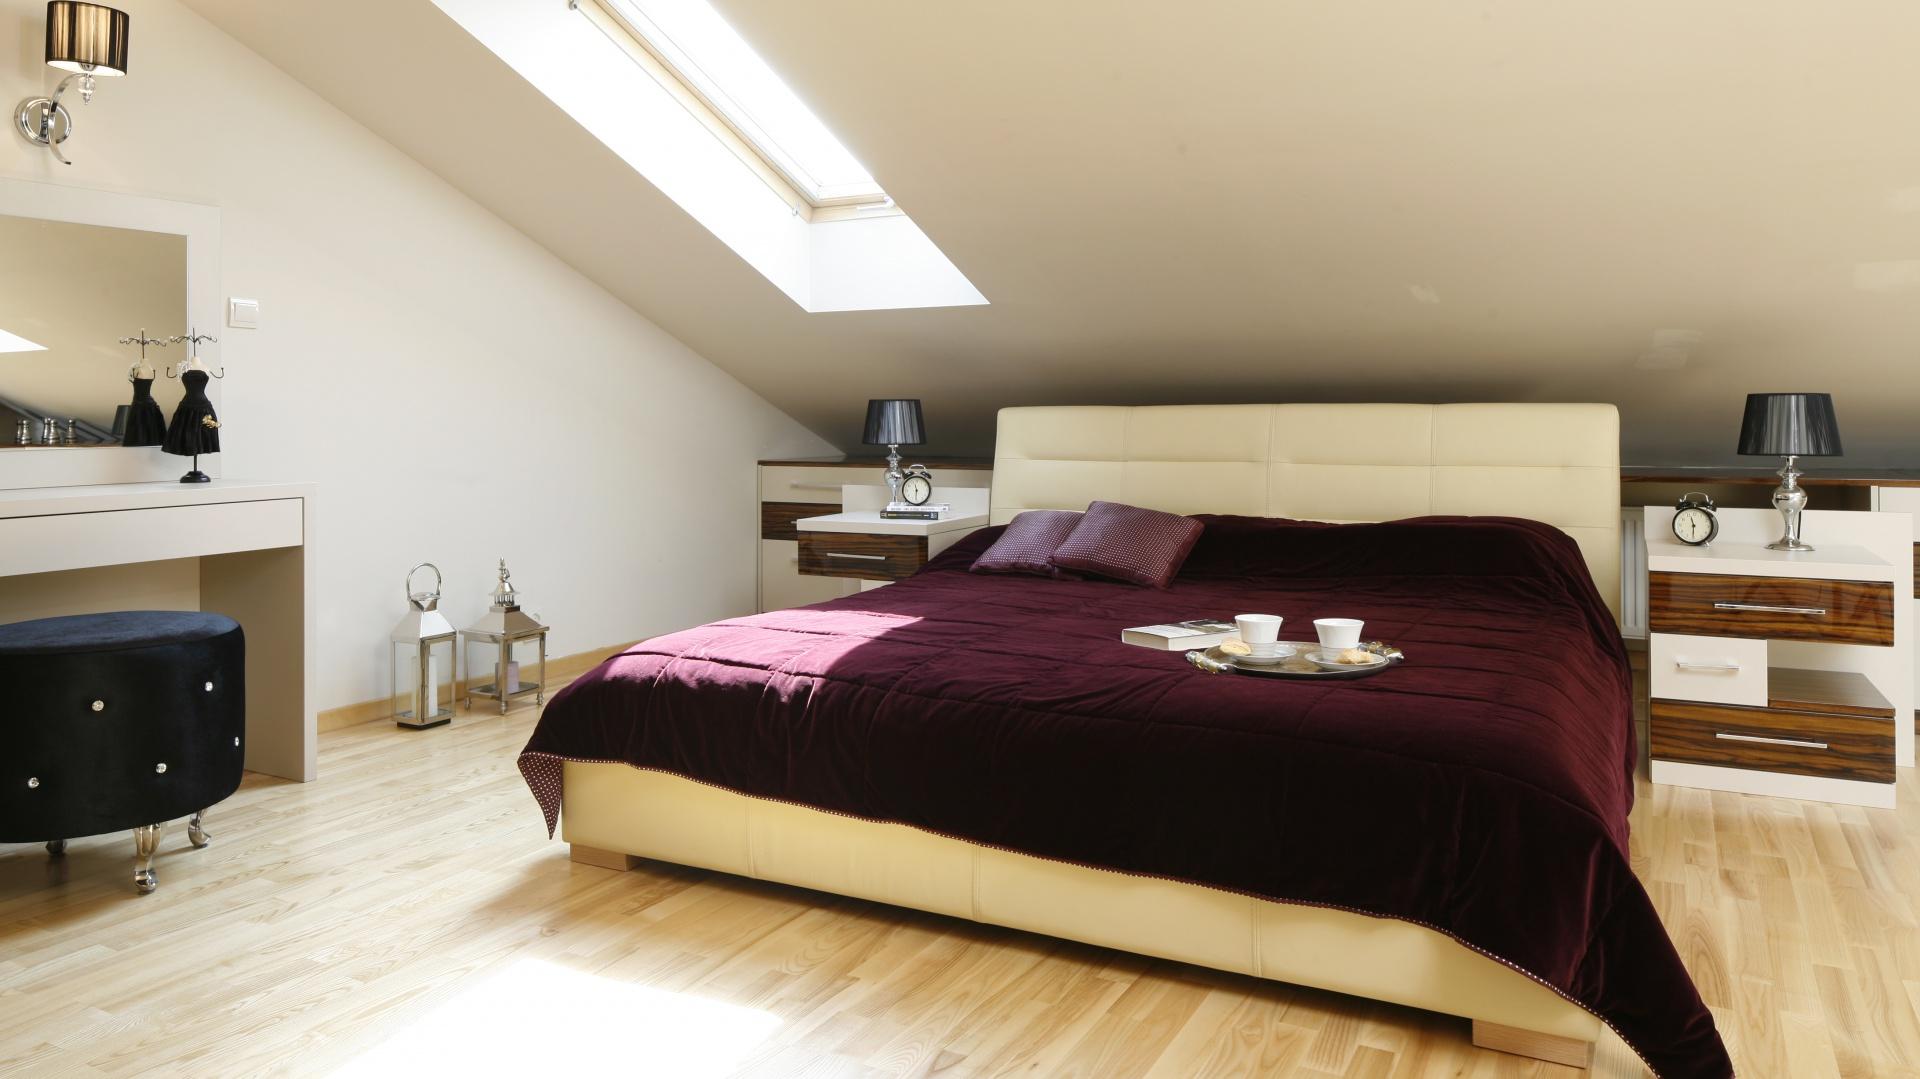 poddasze użytkowe sypialnia na poddaszu tak możesz